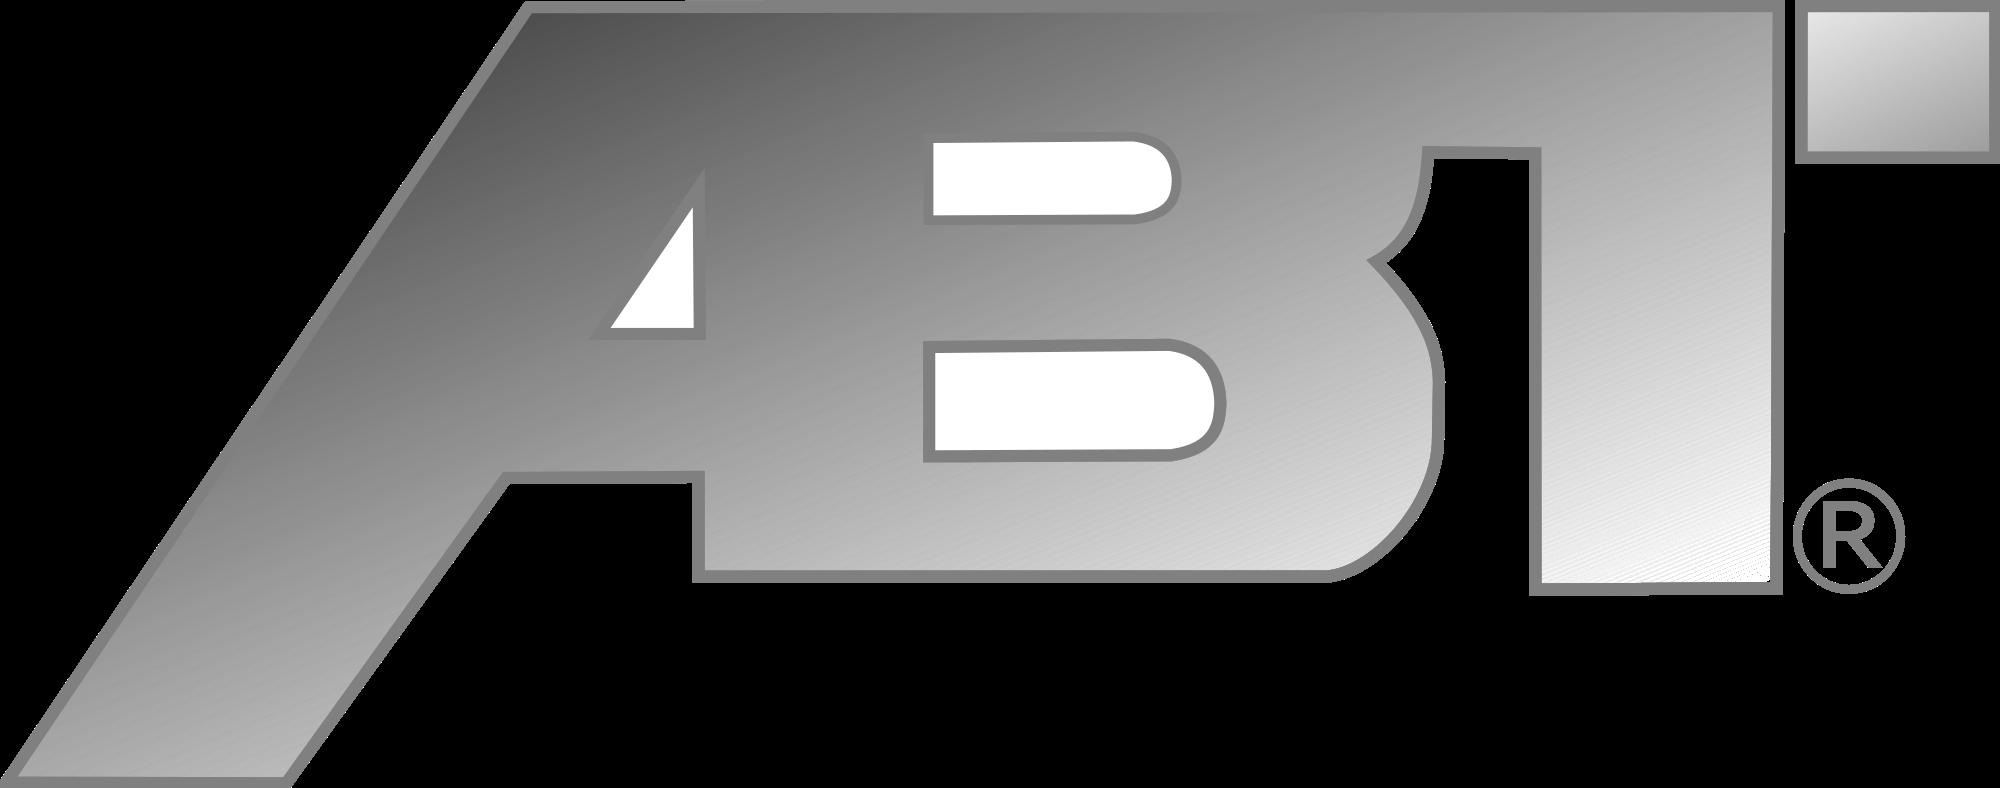 Open PlusPng.com  - Abt Sportsline Logo Vector PNG